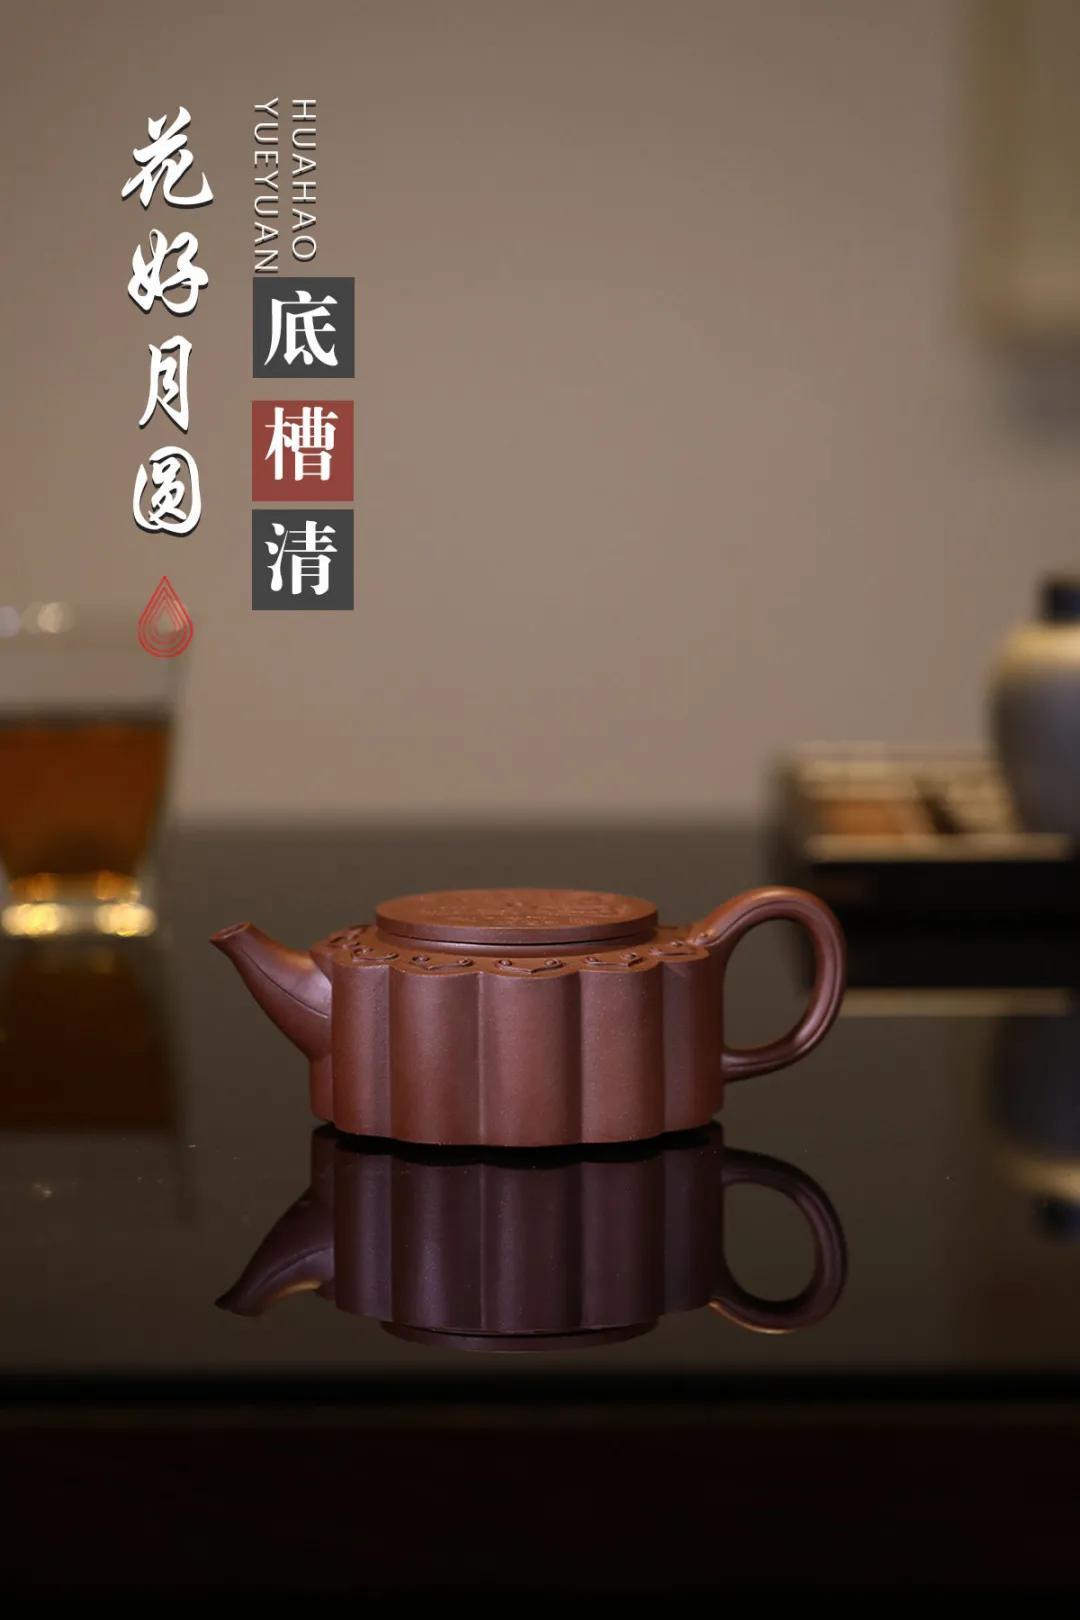 买一把真正的紫砂壶到底要多少钱?